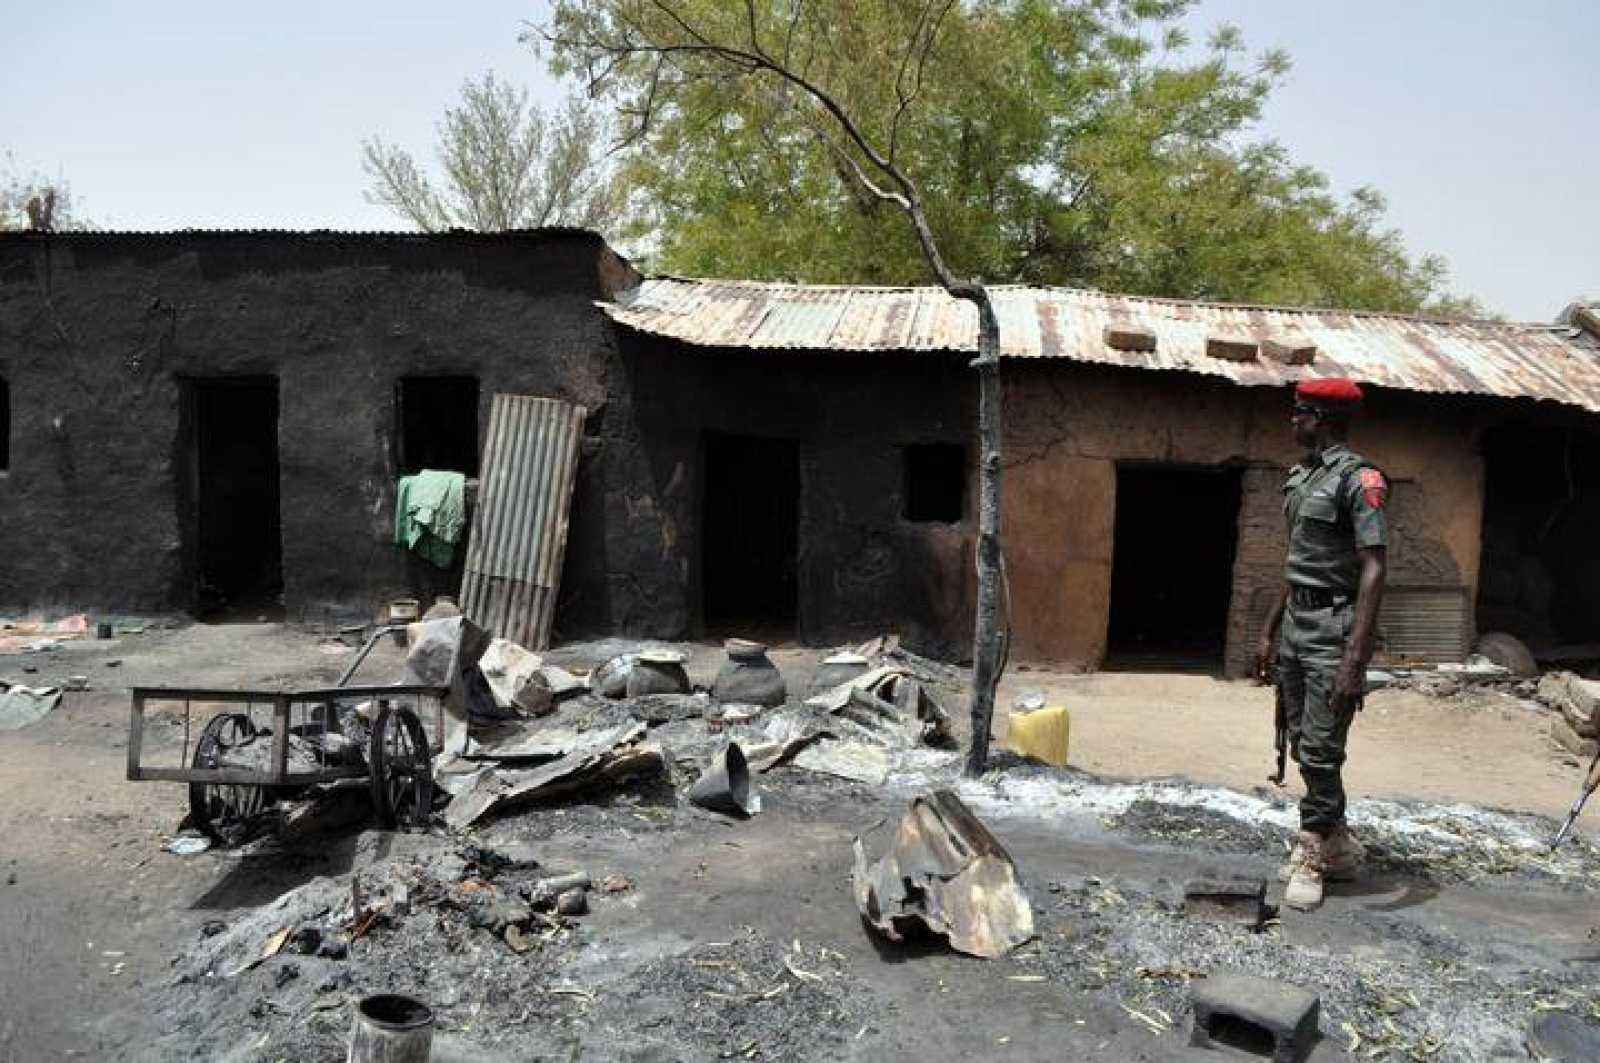 Un policía observa una casa en Gubio, estado de Borno, Nigeria, tras un ataque de Boko Haram